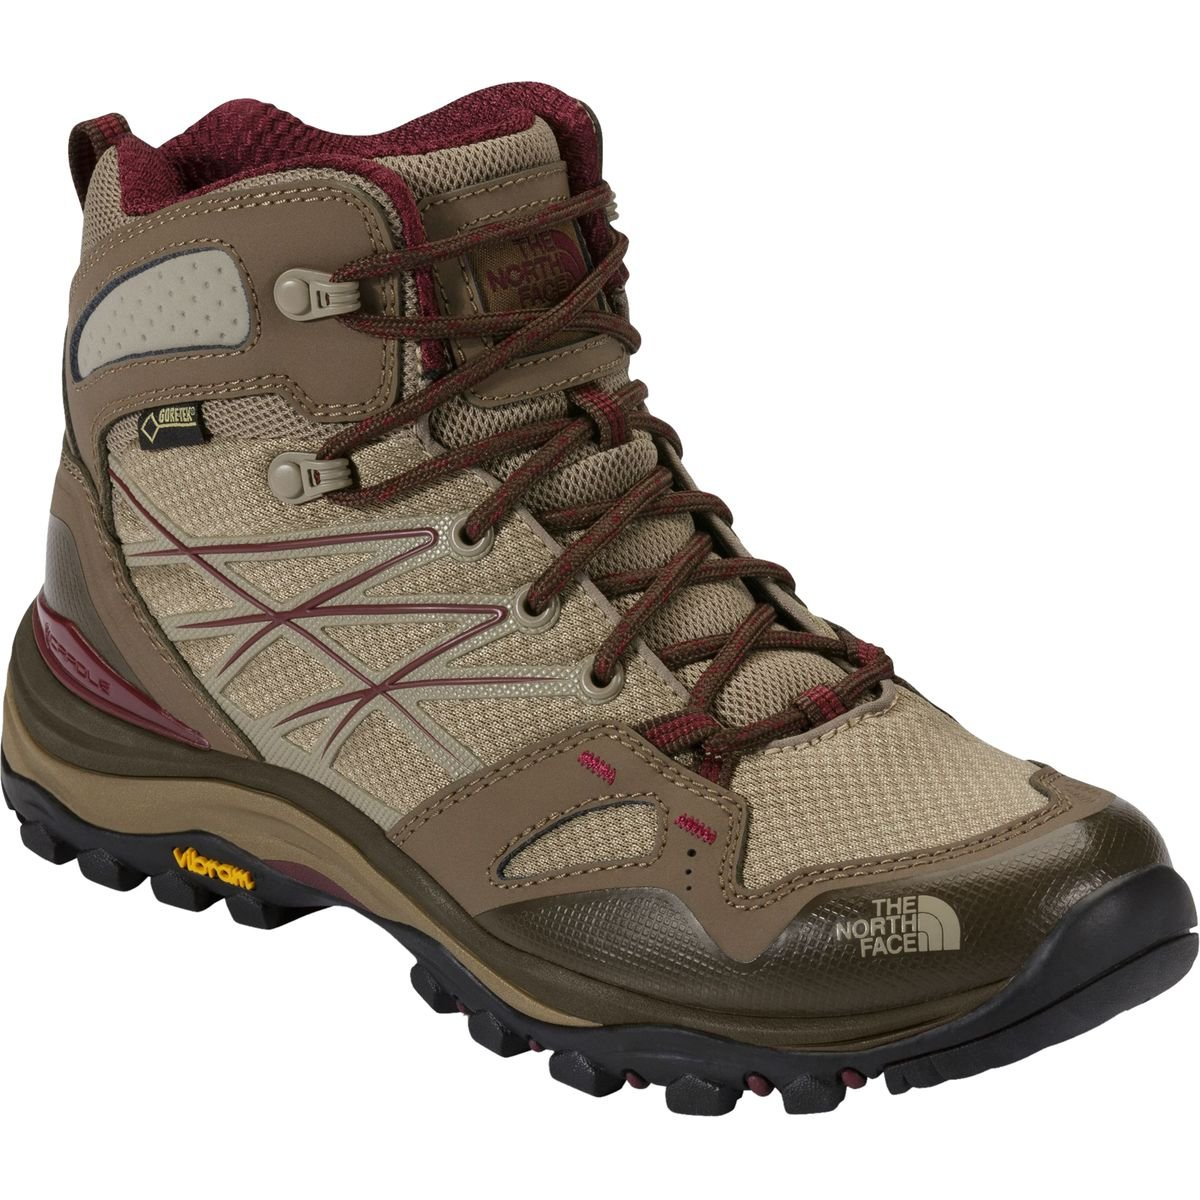 ノースフェイス バッグ バックパックリュックサック Hedgehog Fastpack Mid GTX Hiking Boot - Dune Beige 2af [並行輸入品]   B076C8GCS3